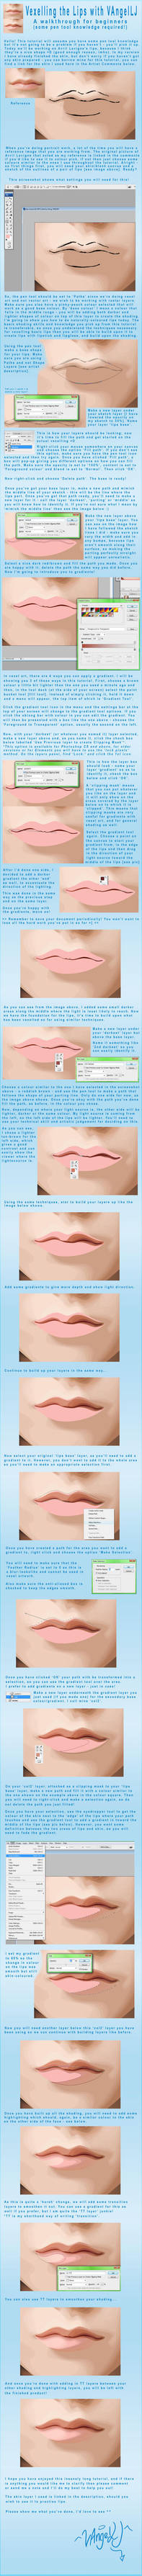 Vexelling the Lips: A Tutorial by VAngelLJ